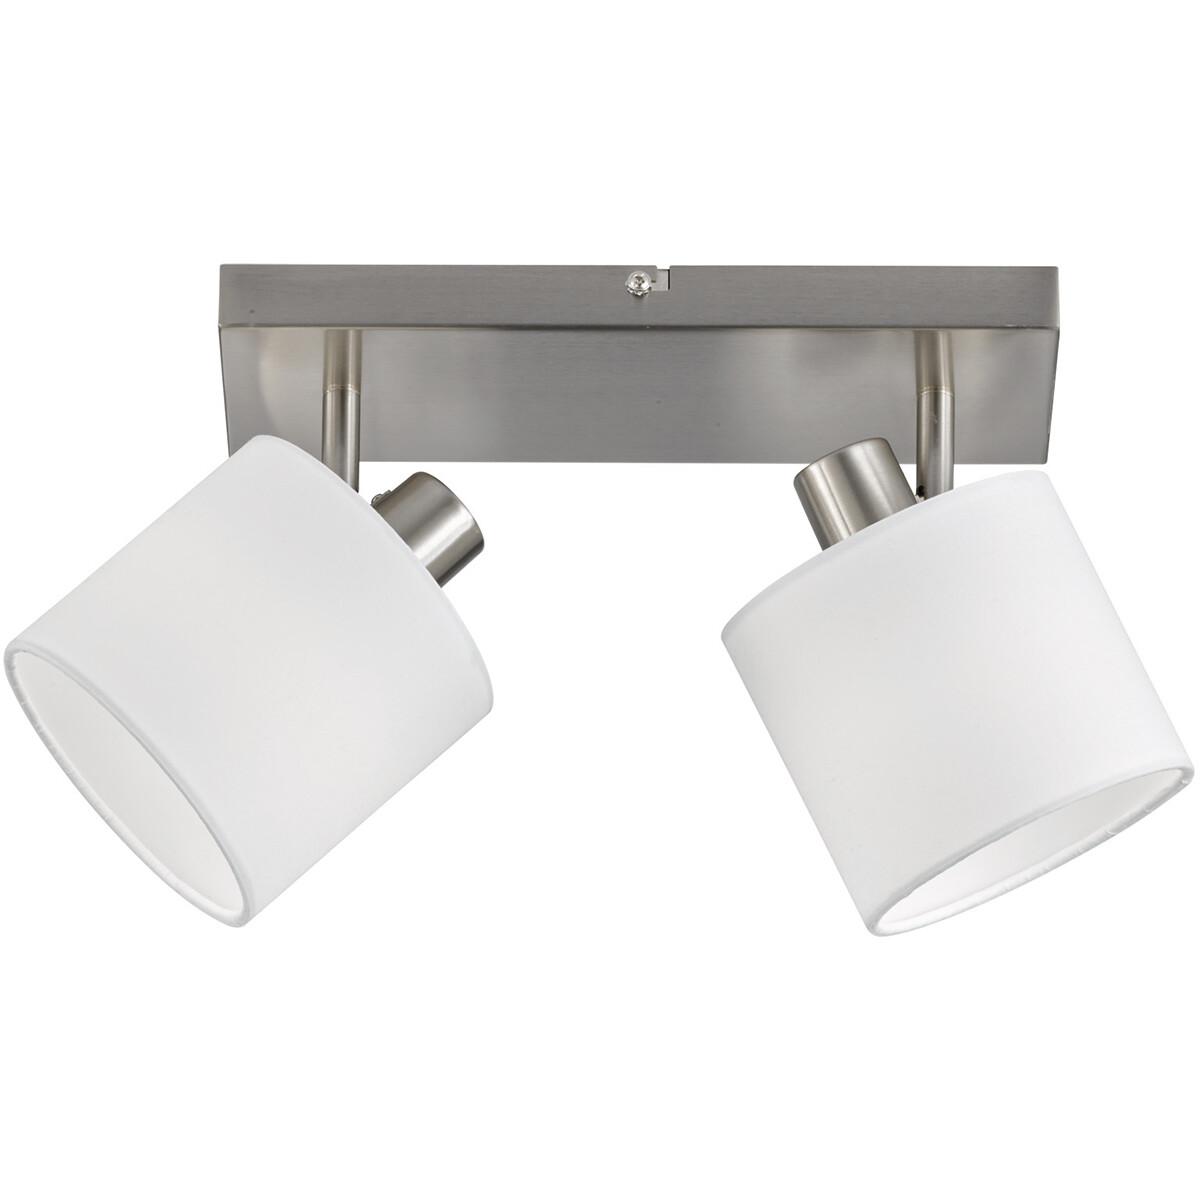 LED Plafondspot - Trion Torry - E14 Fitting - 2-lichts - Rond - Mat Nikkel - Aluminium